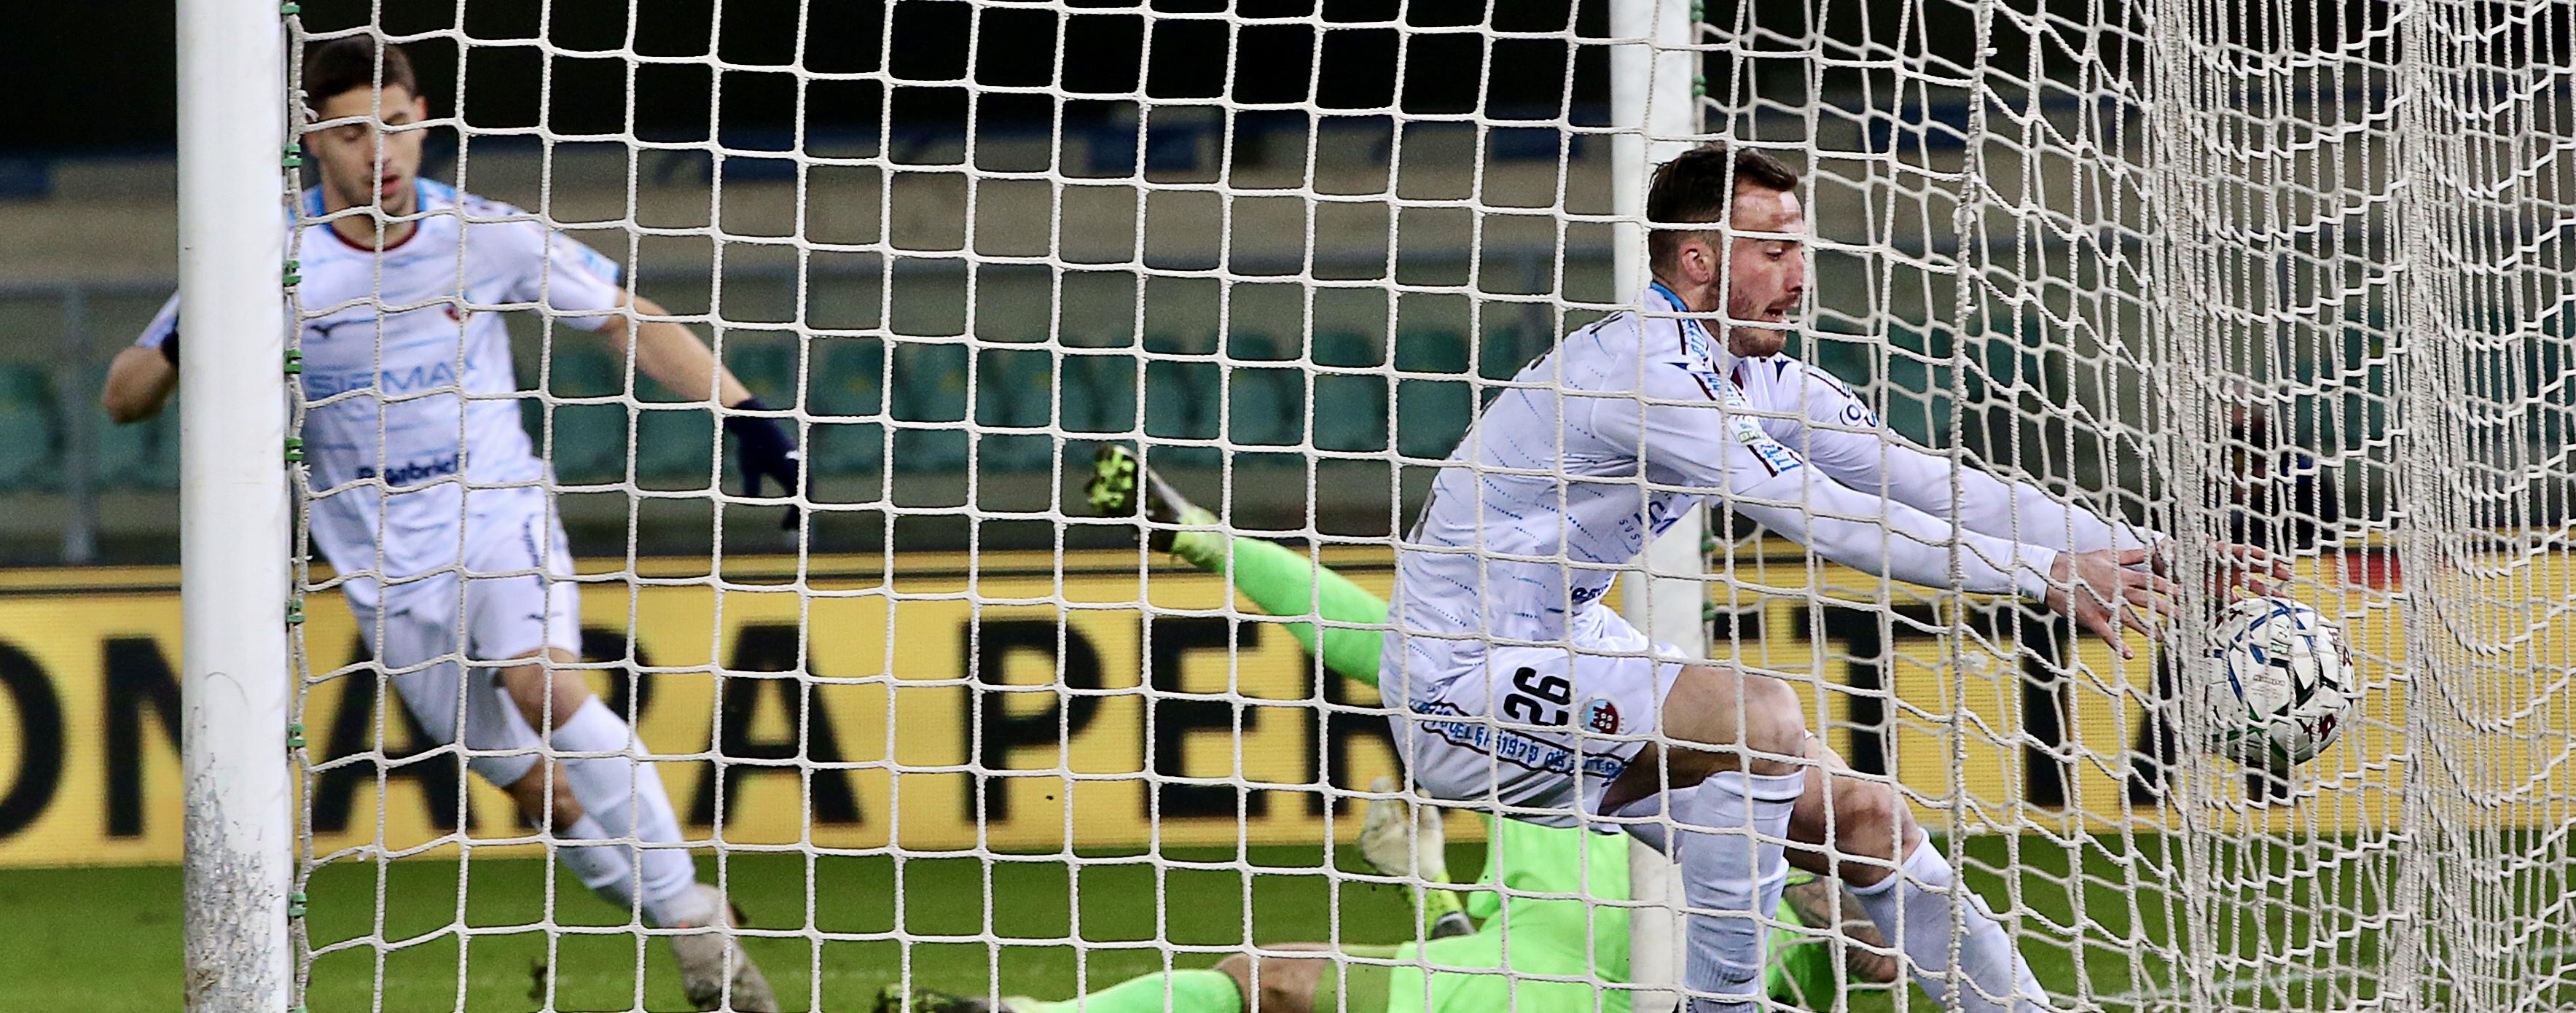 Chievo – Cittadella 2 – 1